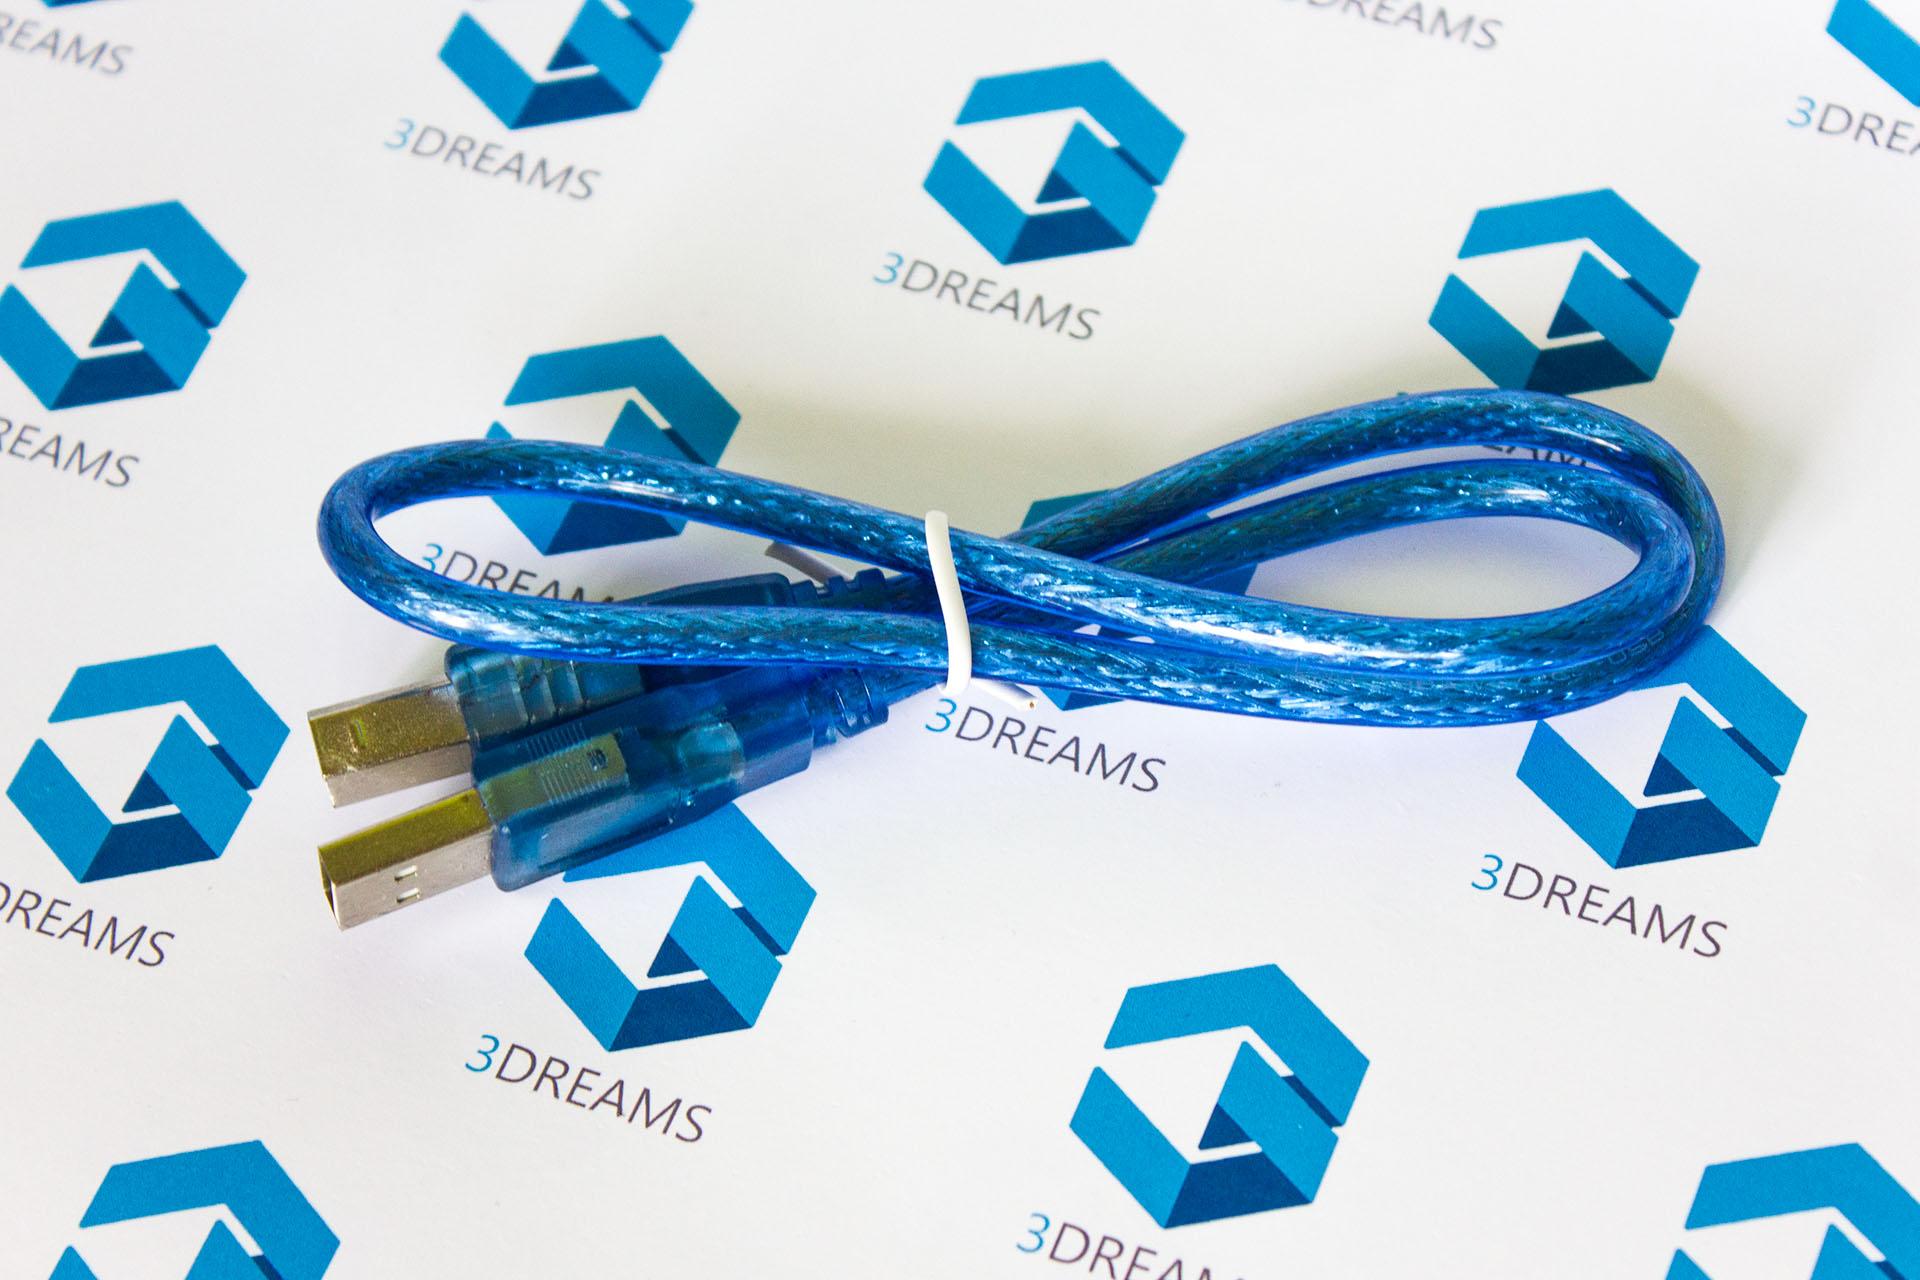 USB кабель для подключения Arduino Mega 2560 R3 купить украина